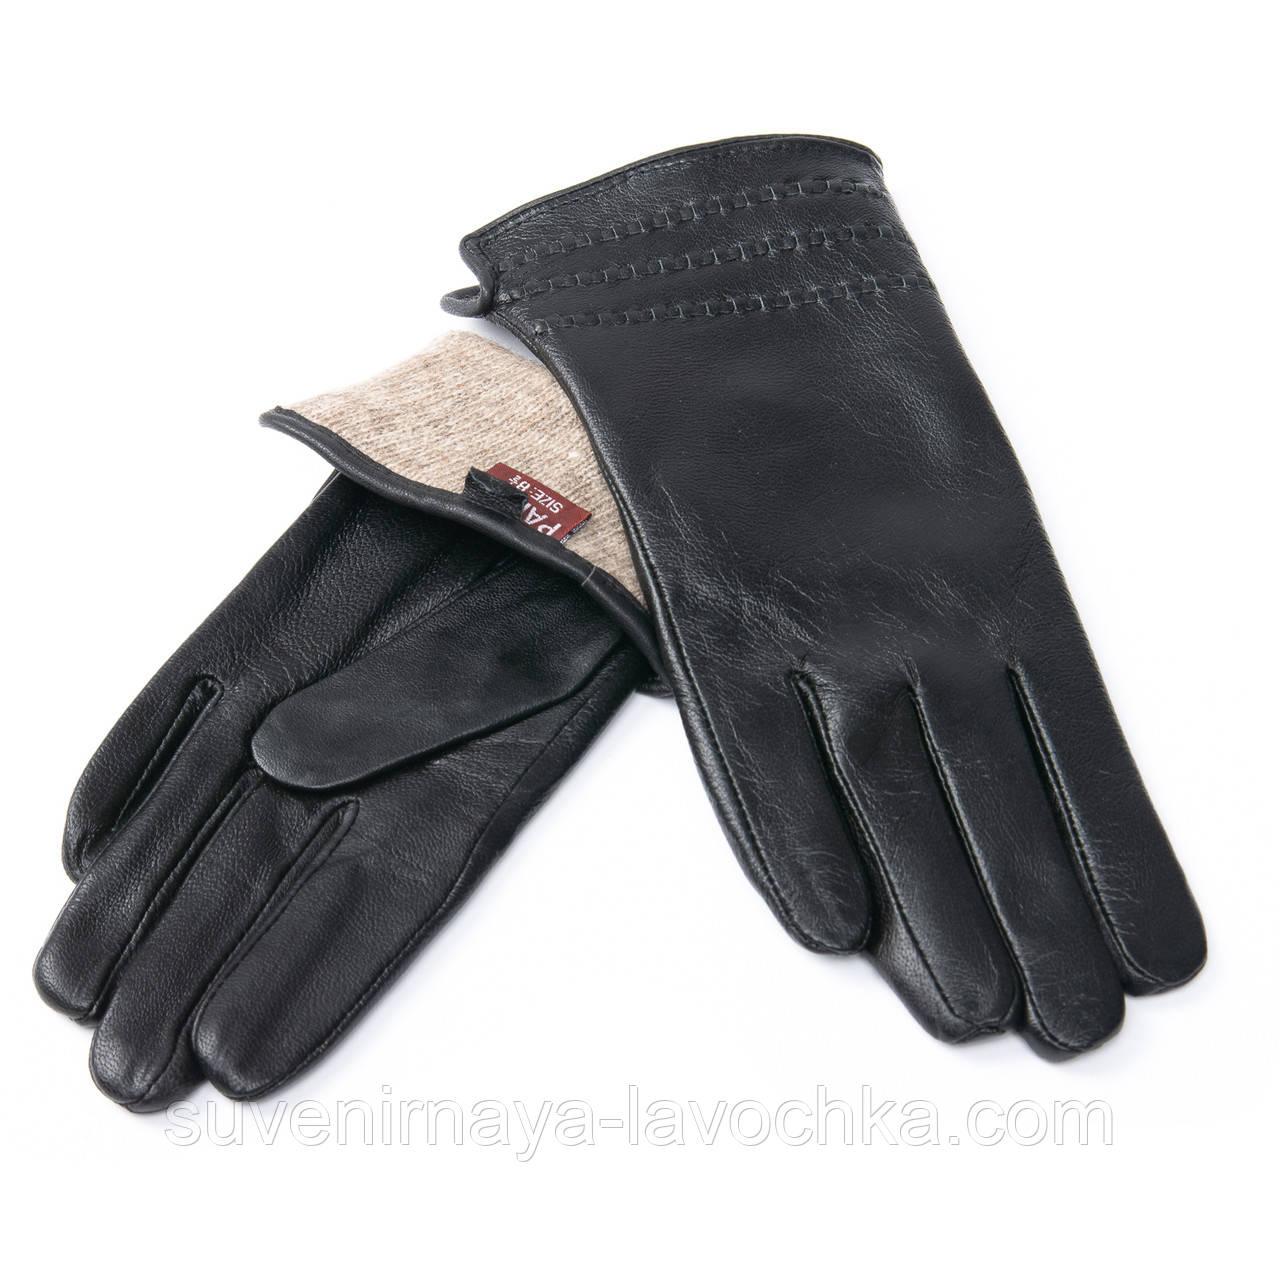 Кожаные женские перчатки, черные. Подкладка - шерсть. MOD 7